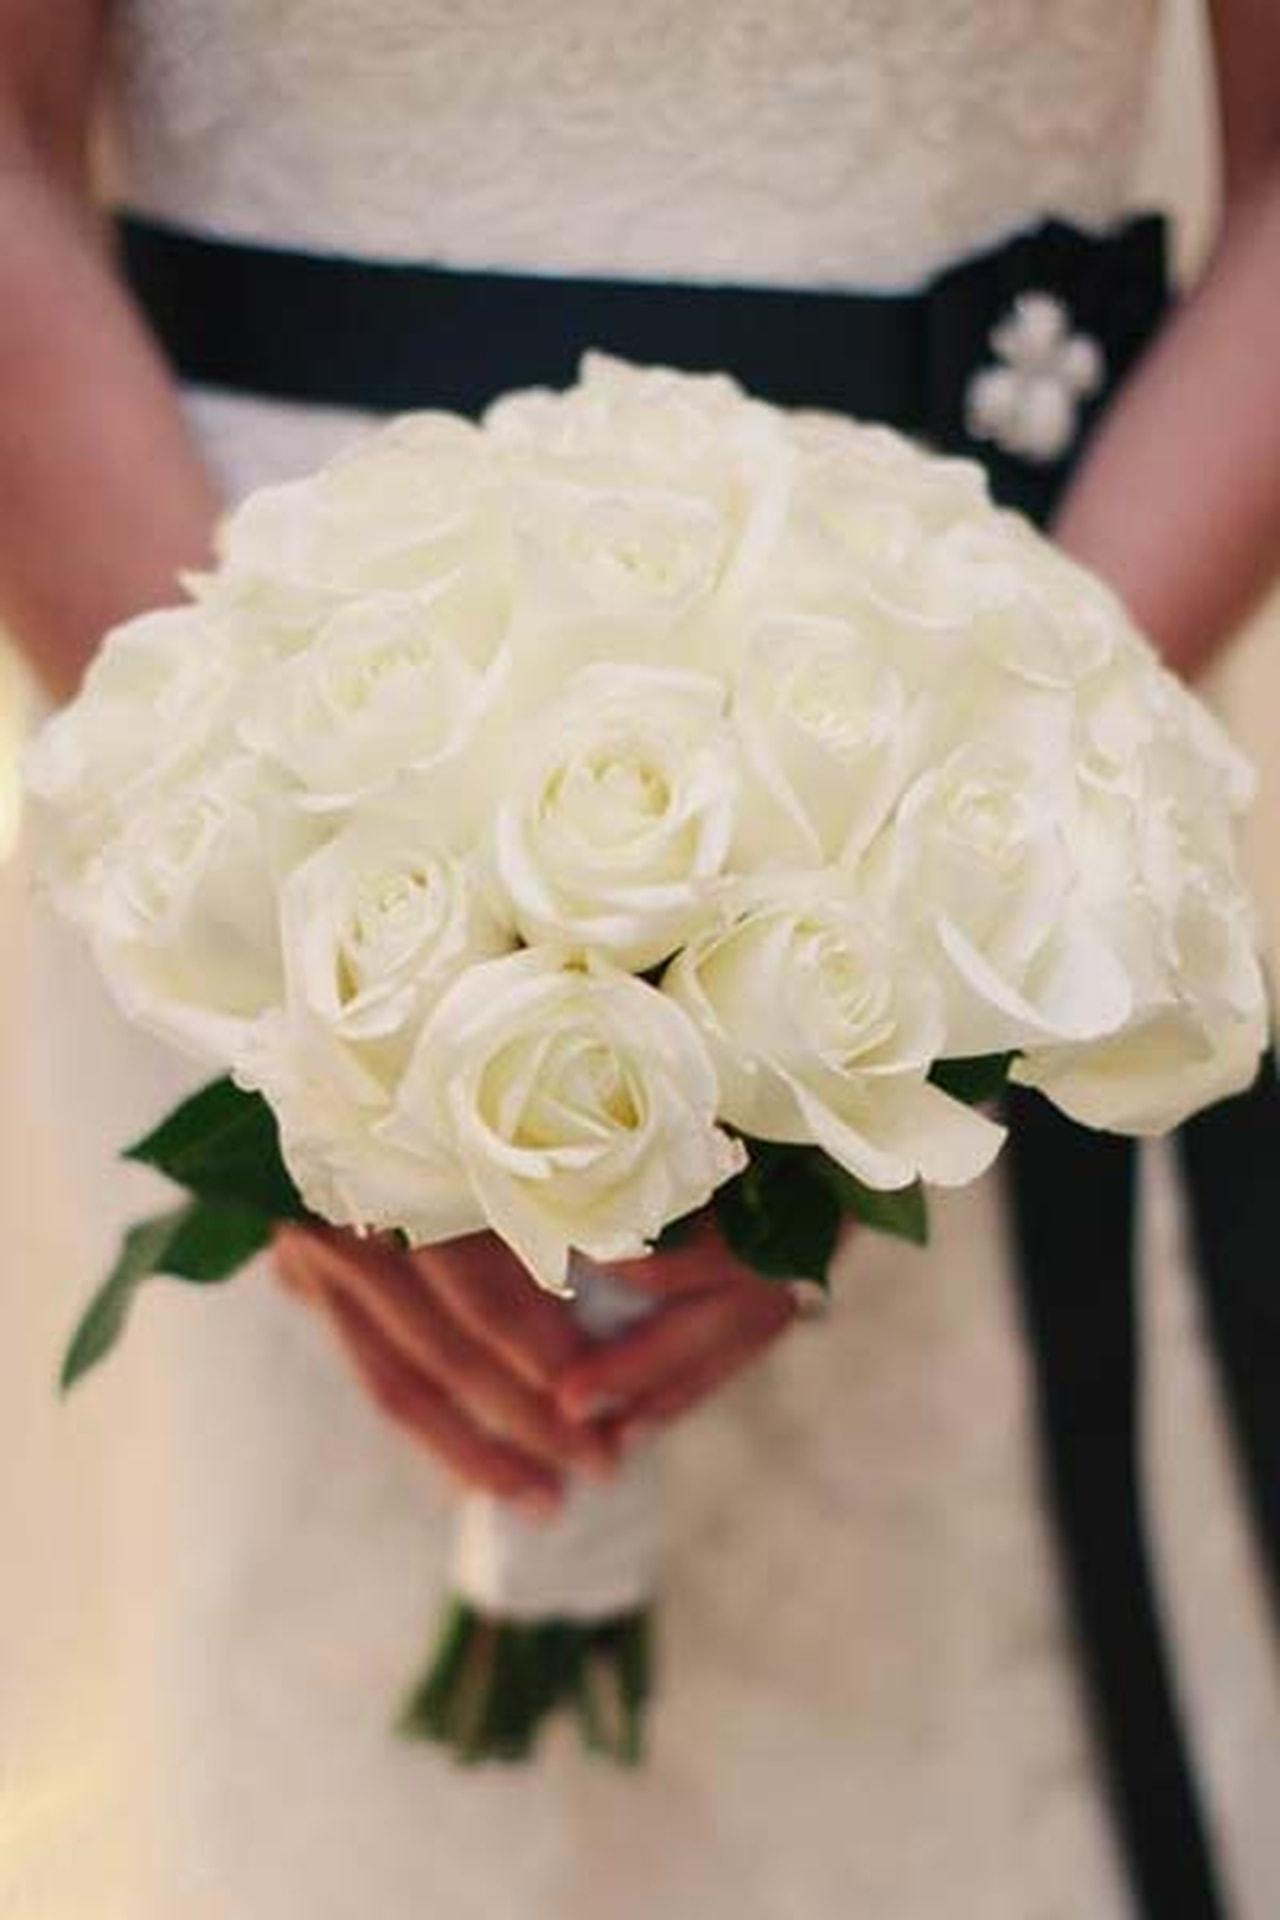 بالصور صور اجمل باقات الورد الابيض باقات ورد جوري ابيض , ورود لاصحاب القلب الابيض 4481 3